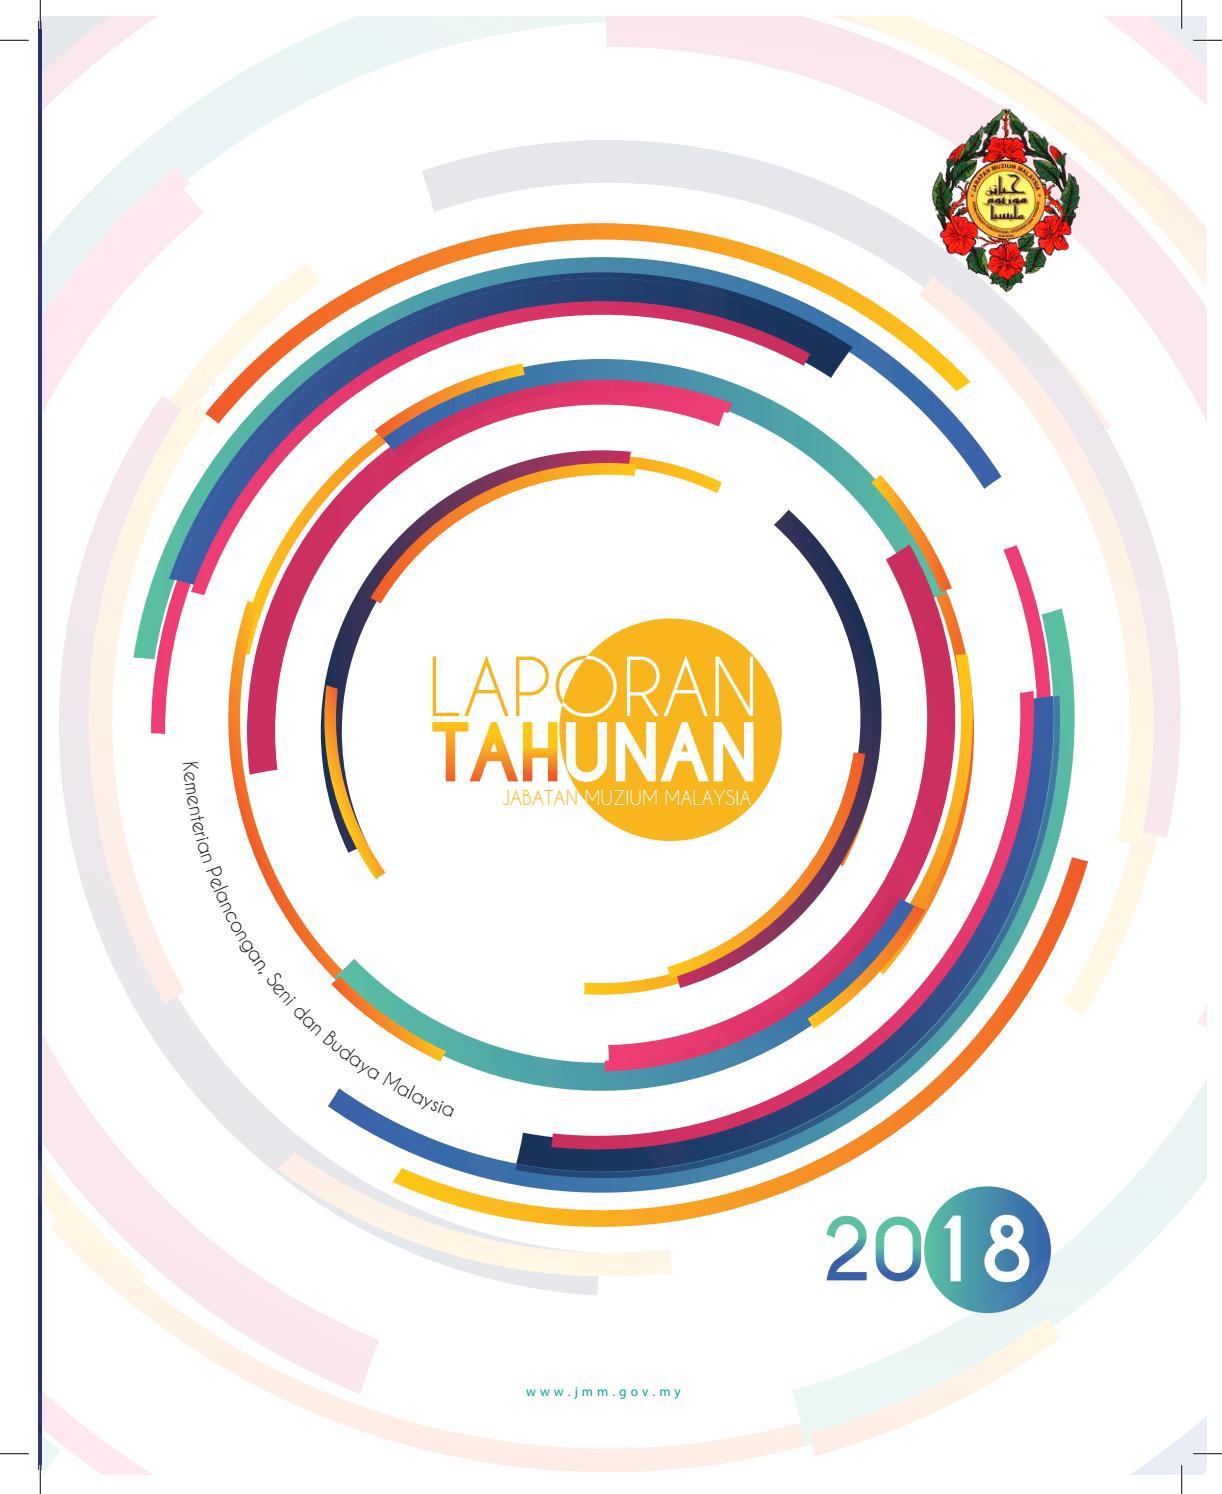 Laporan Tahunan Jabatan Muzium Malaysia 2018 By Web JMM Issuu